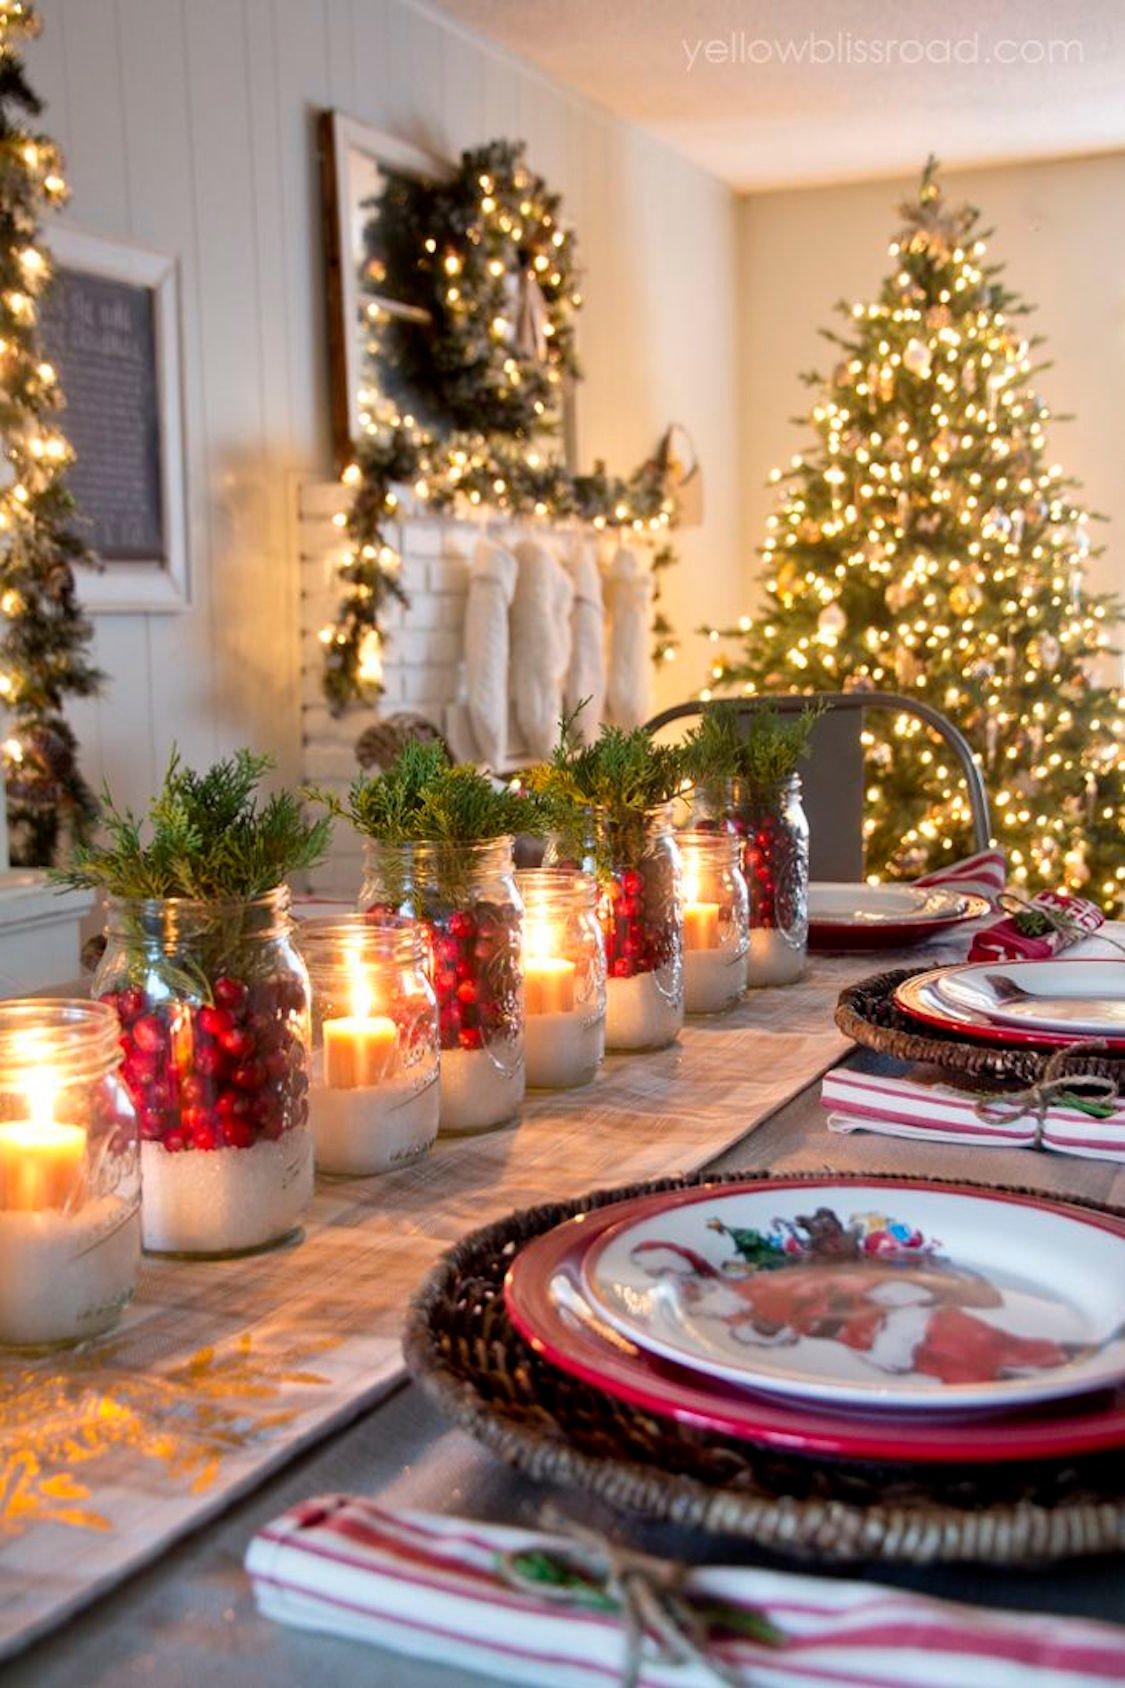 frascos con velas y aromas como centro de mesa en navidad